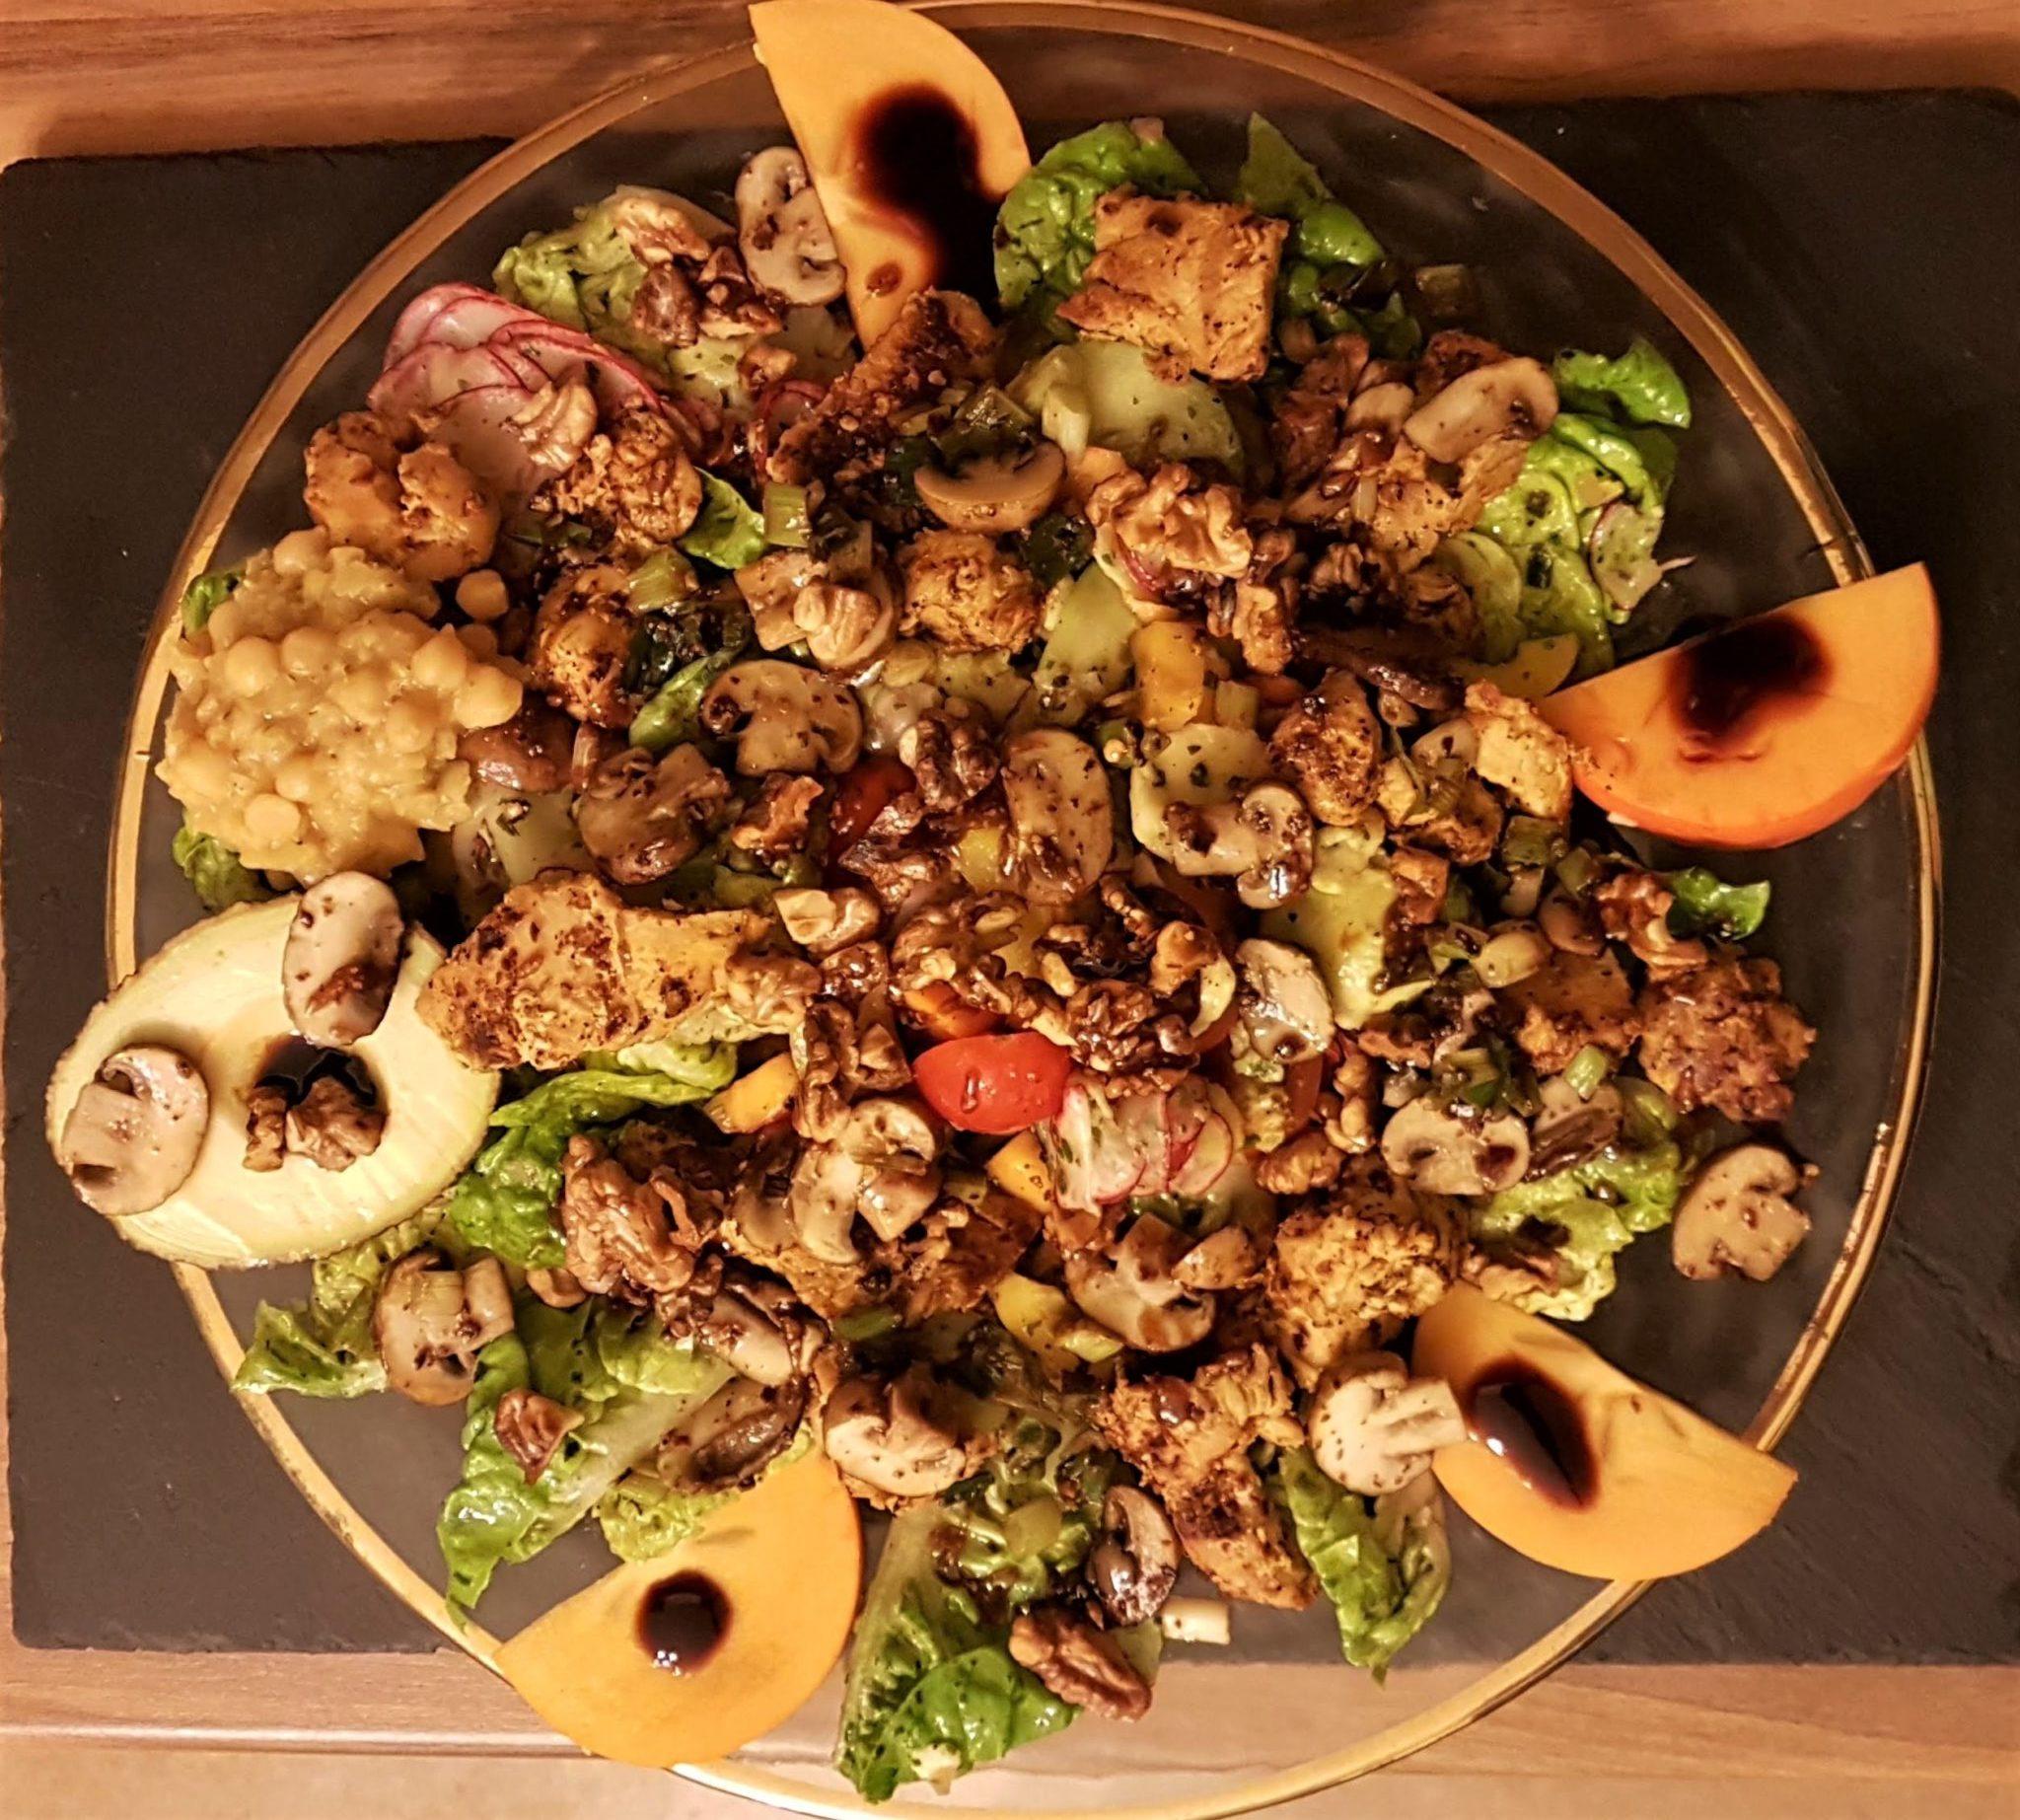 Walnüsse und Hülsenfrüchte, kandierte Walnüsse, Salat mit Wahlnüssen